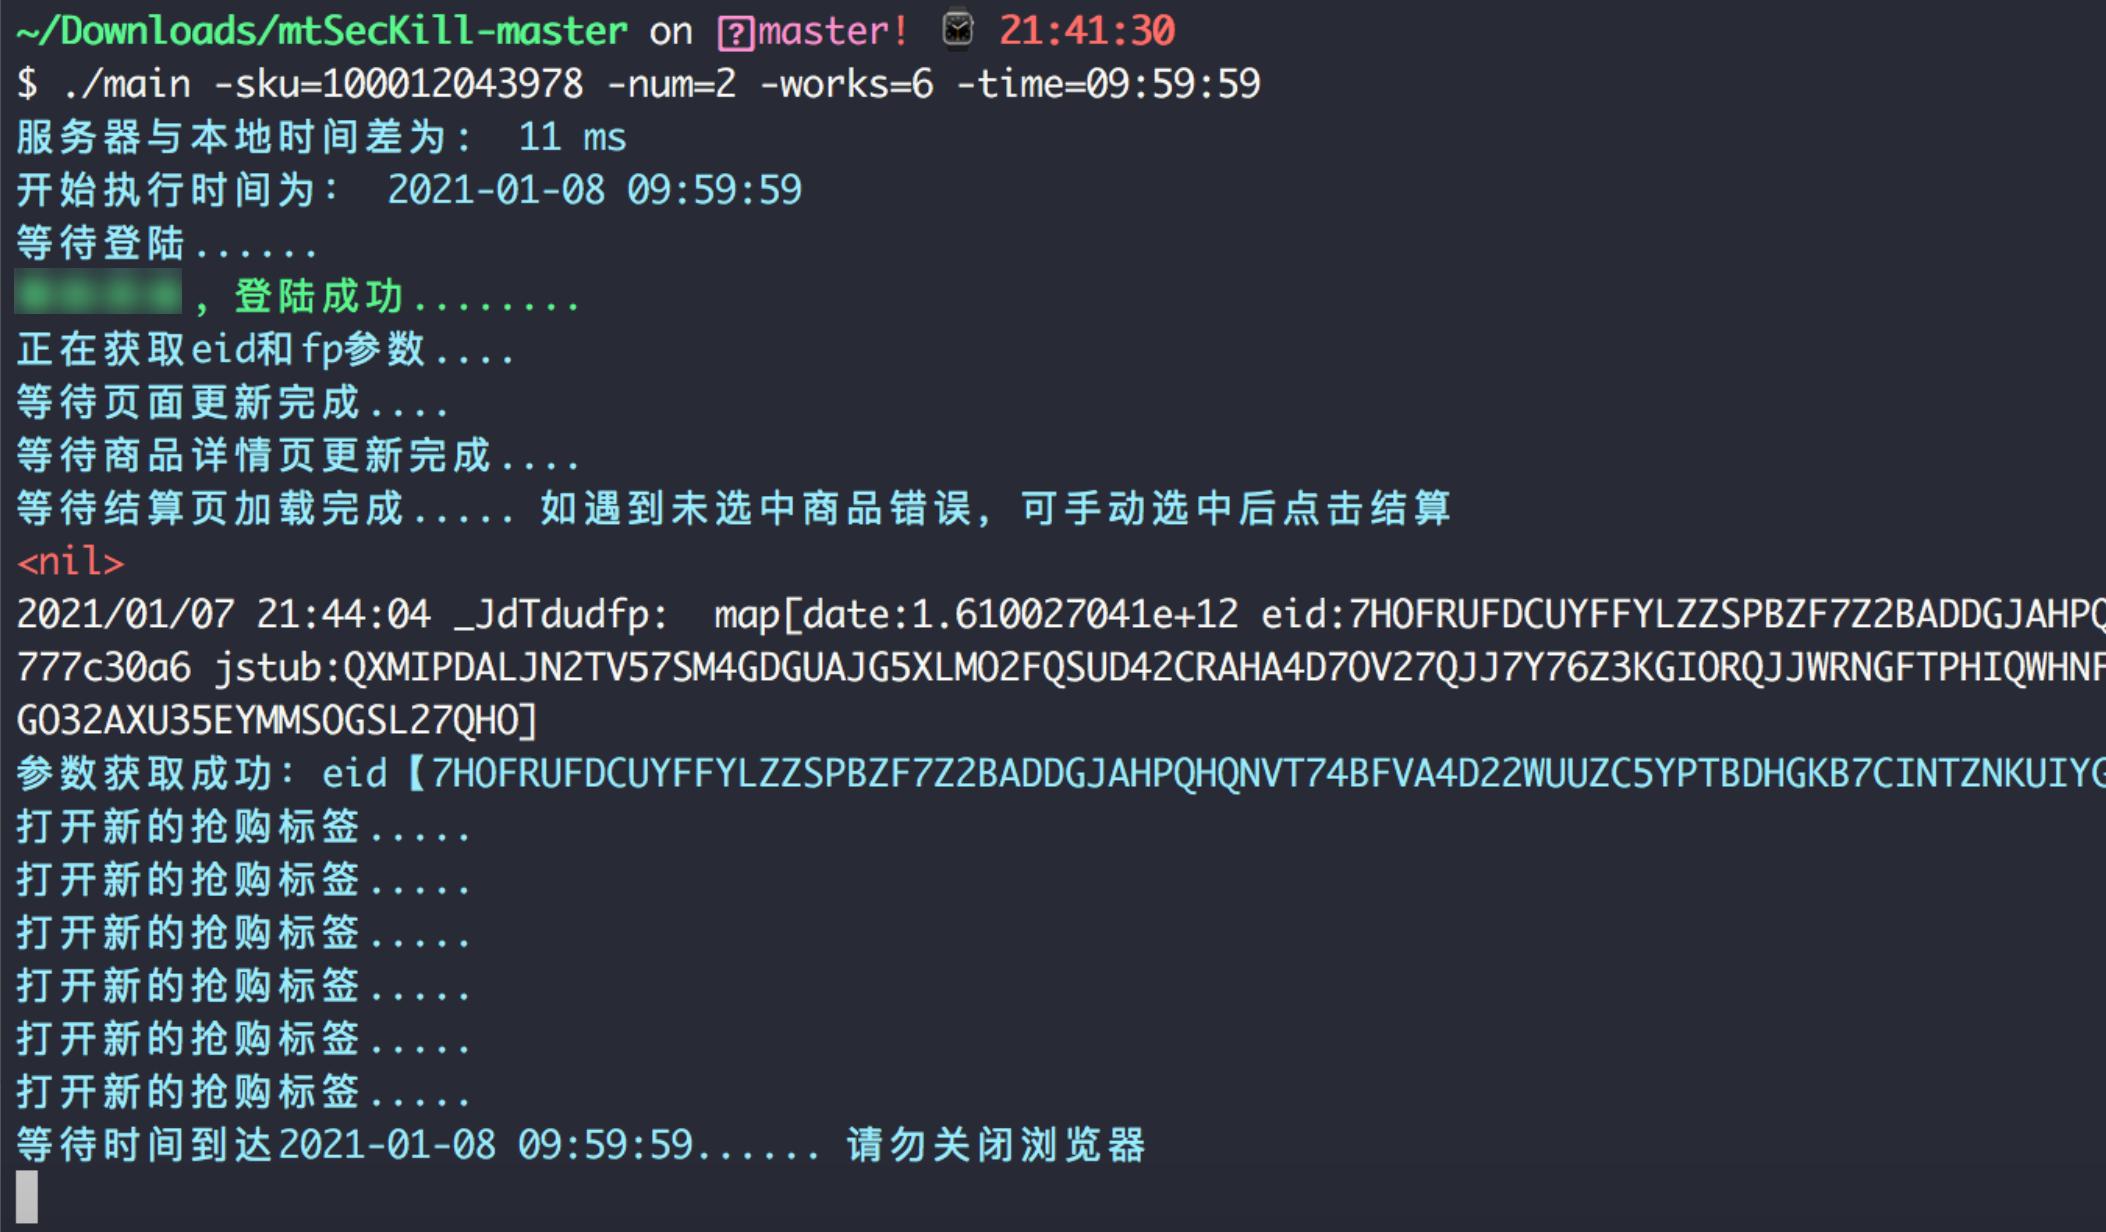 吊打jd_seckill,Go语言版免配置抢茅台程序,实力接盘~插图(4)